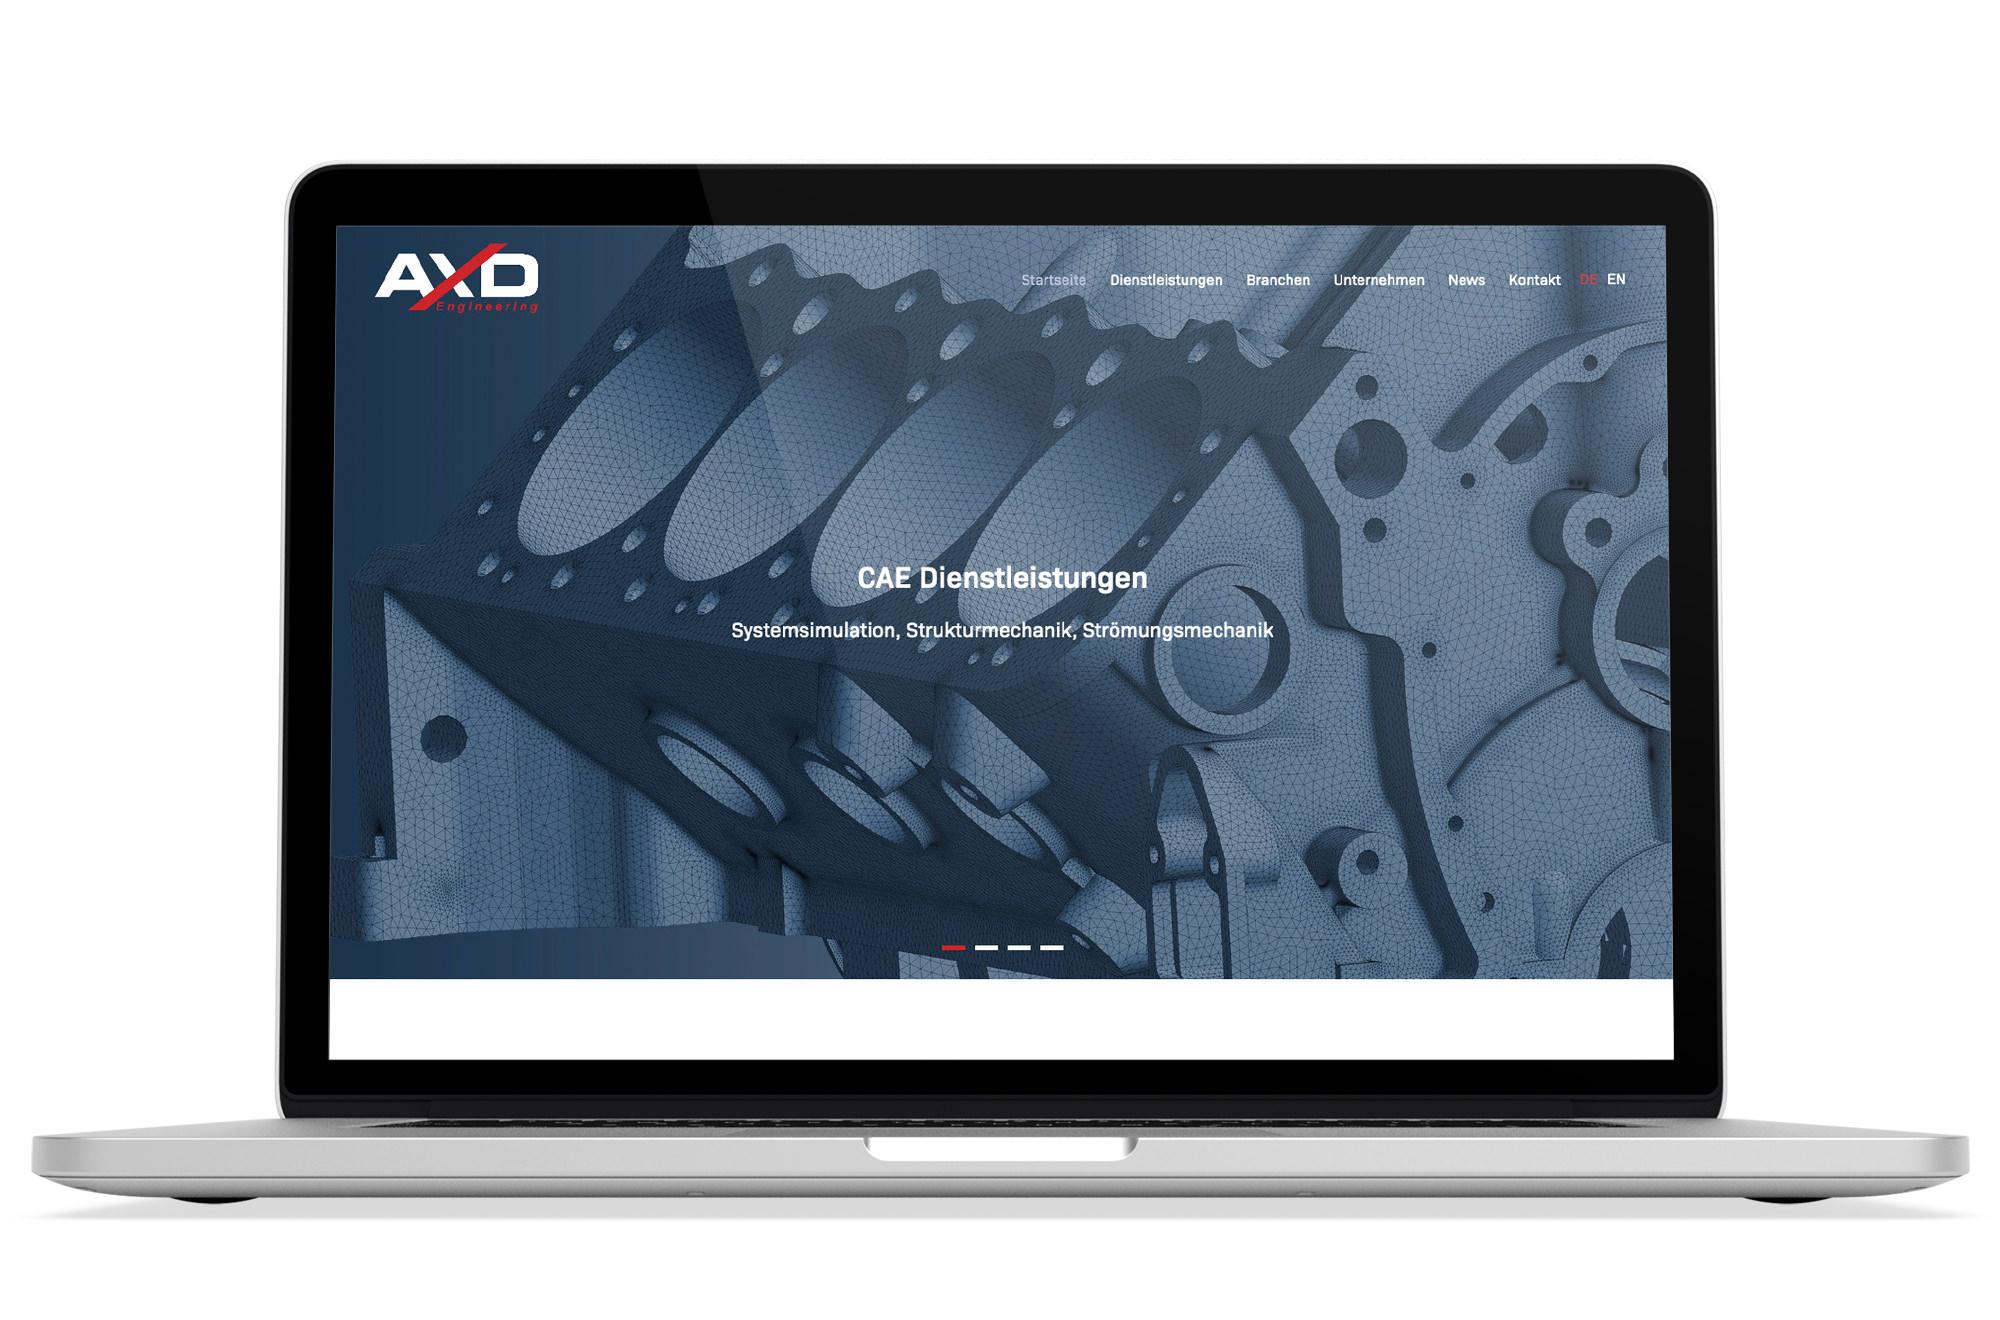 Webdesign Beispiel: Responsive Webdesign, WordPress für CAE Dienstleistungen